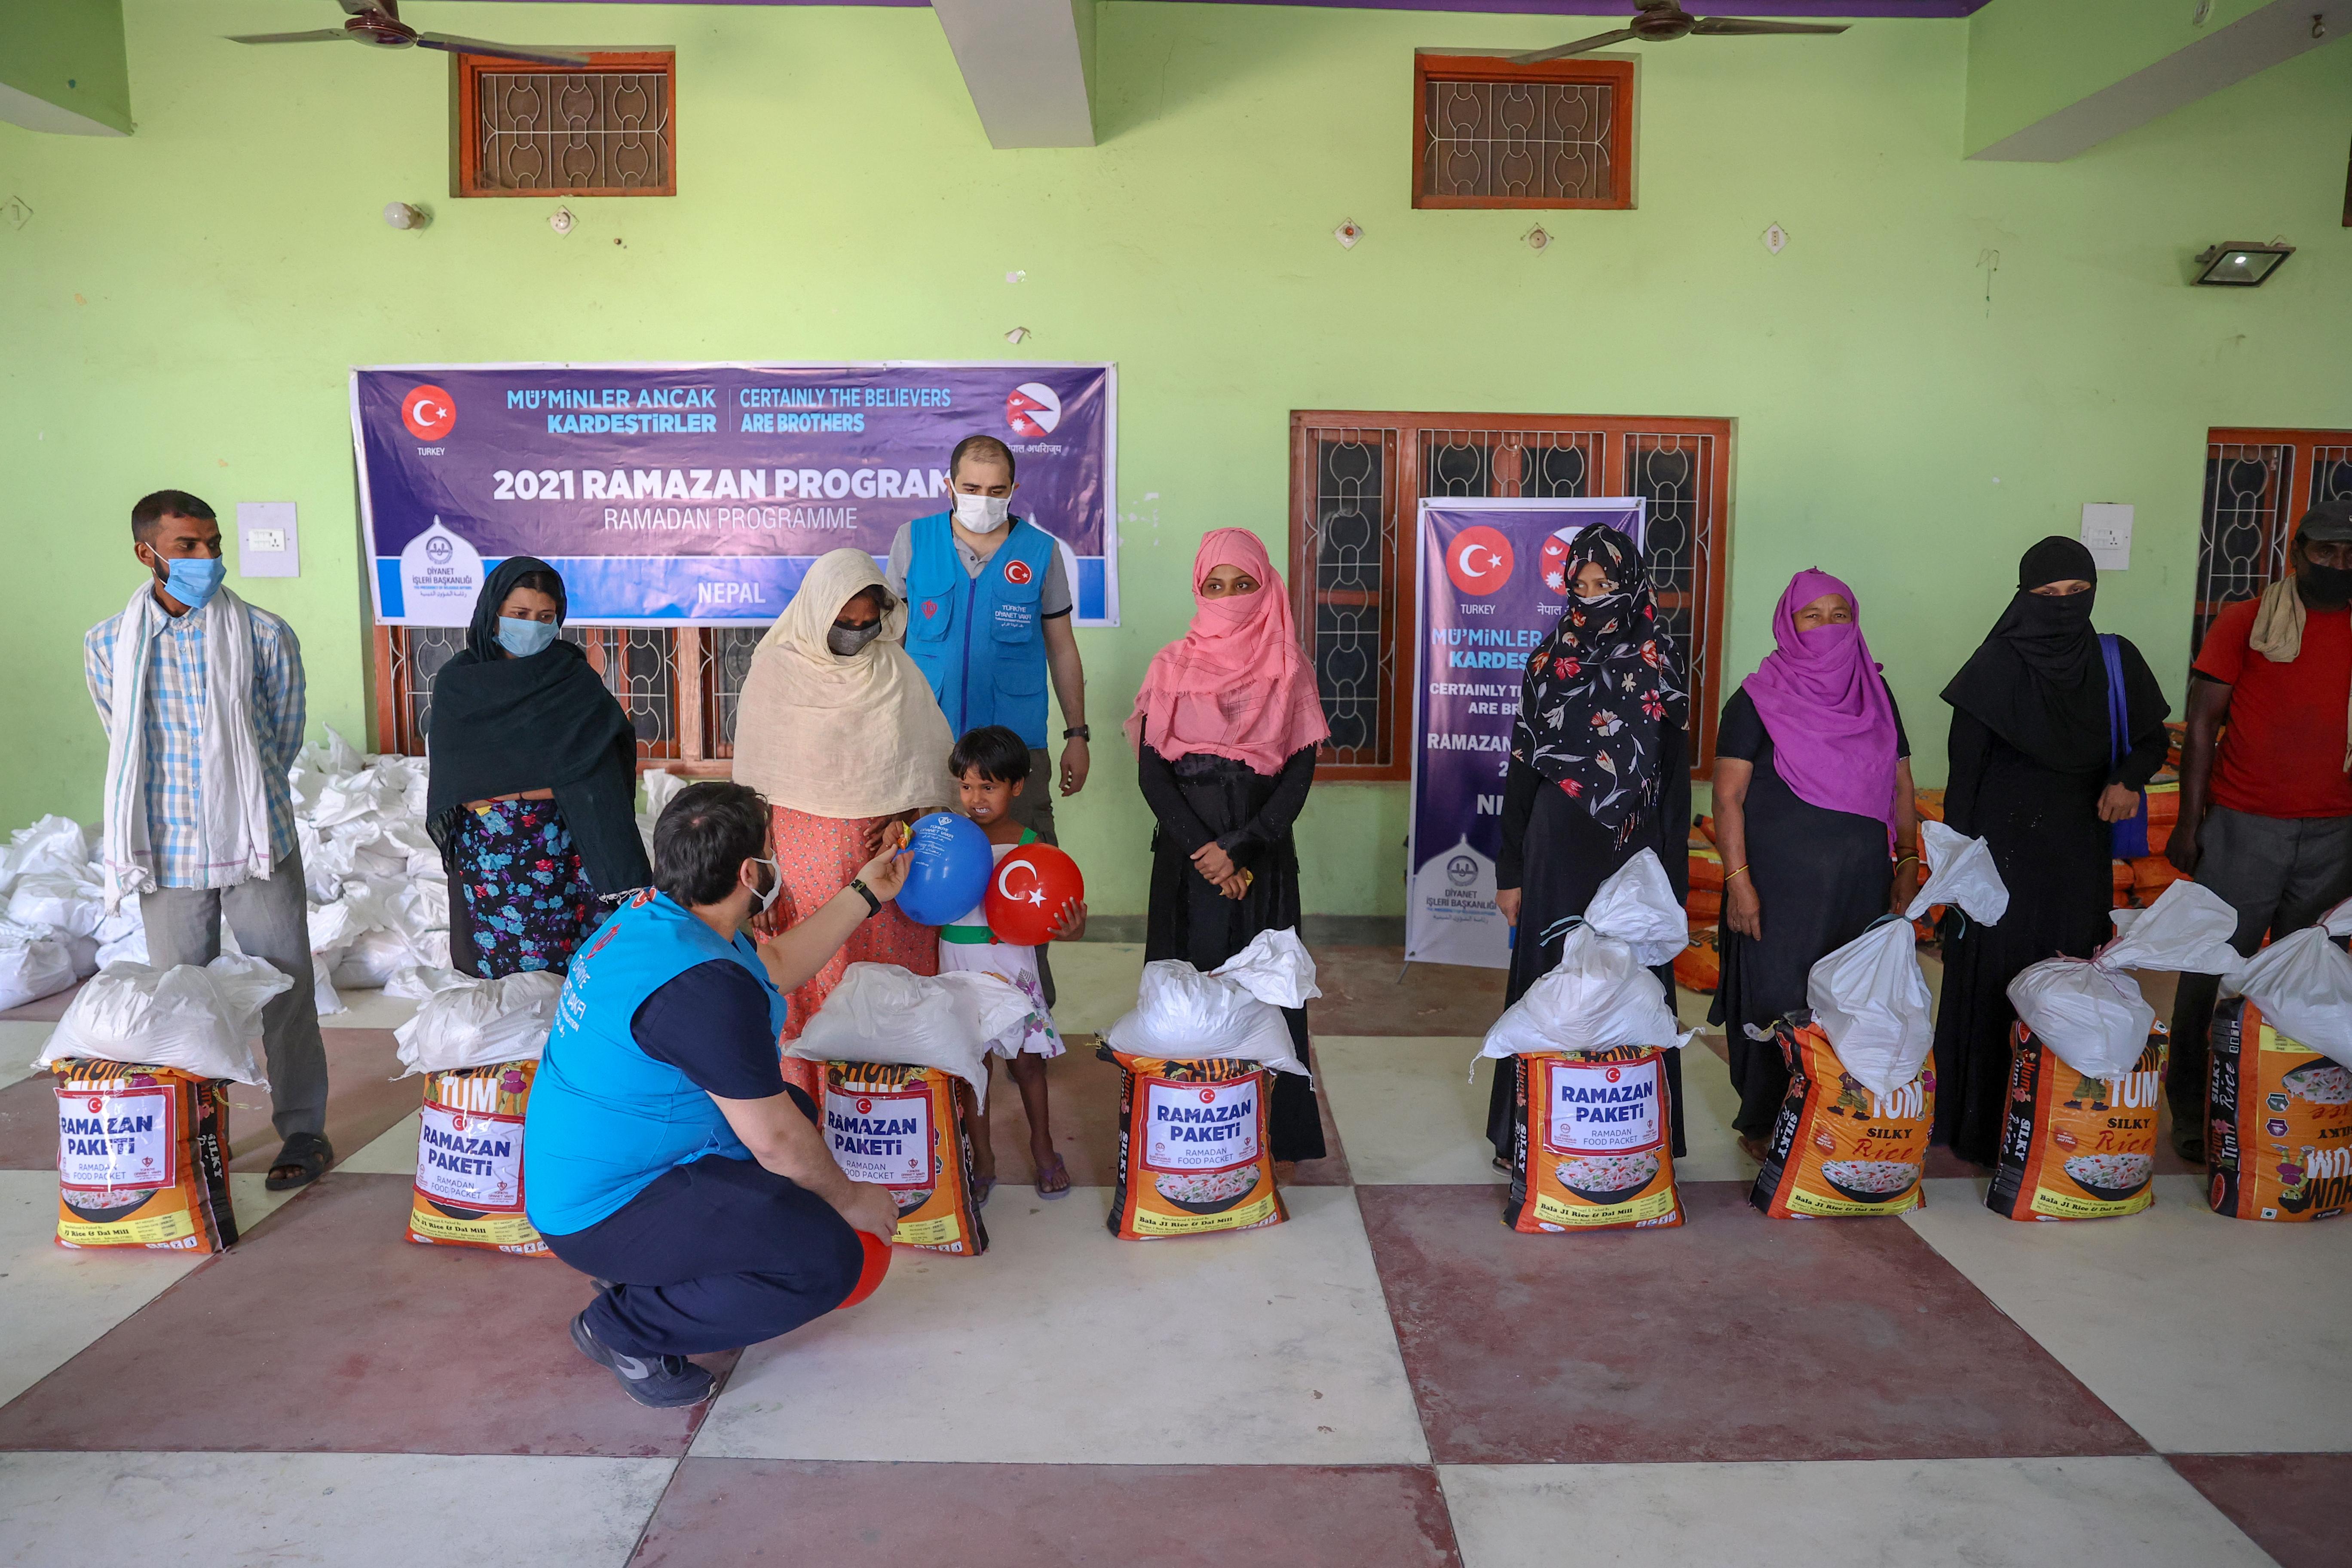 Türkiye'den Nepal'e yardım eli! Yardımlar ihtiyaç sahiplerine ulaştı